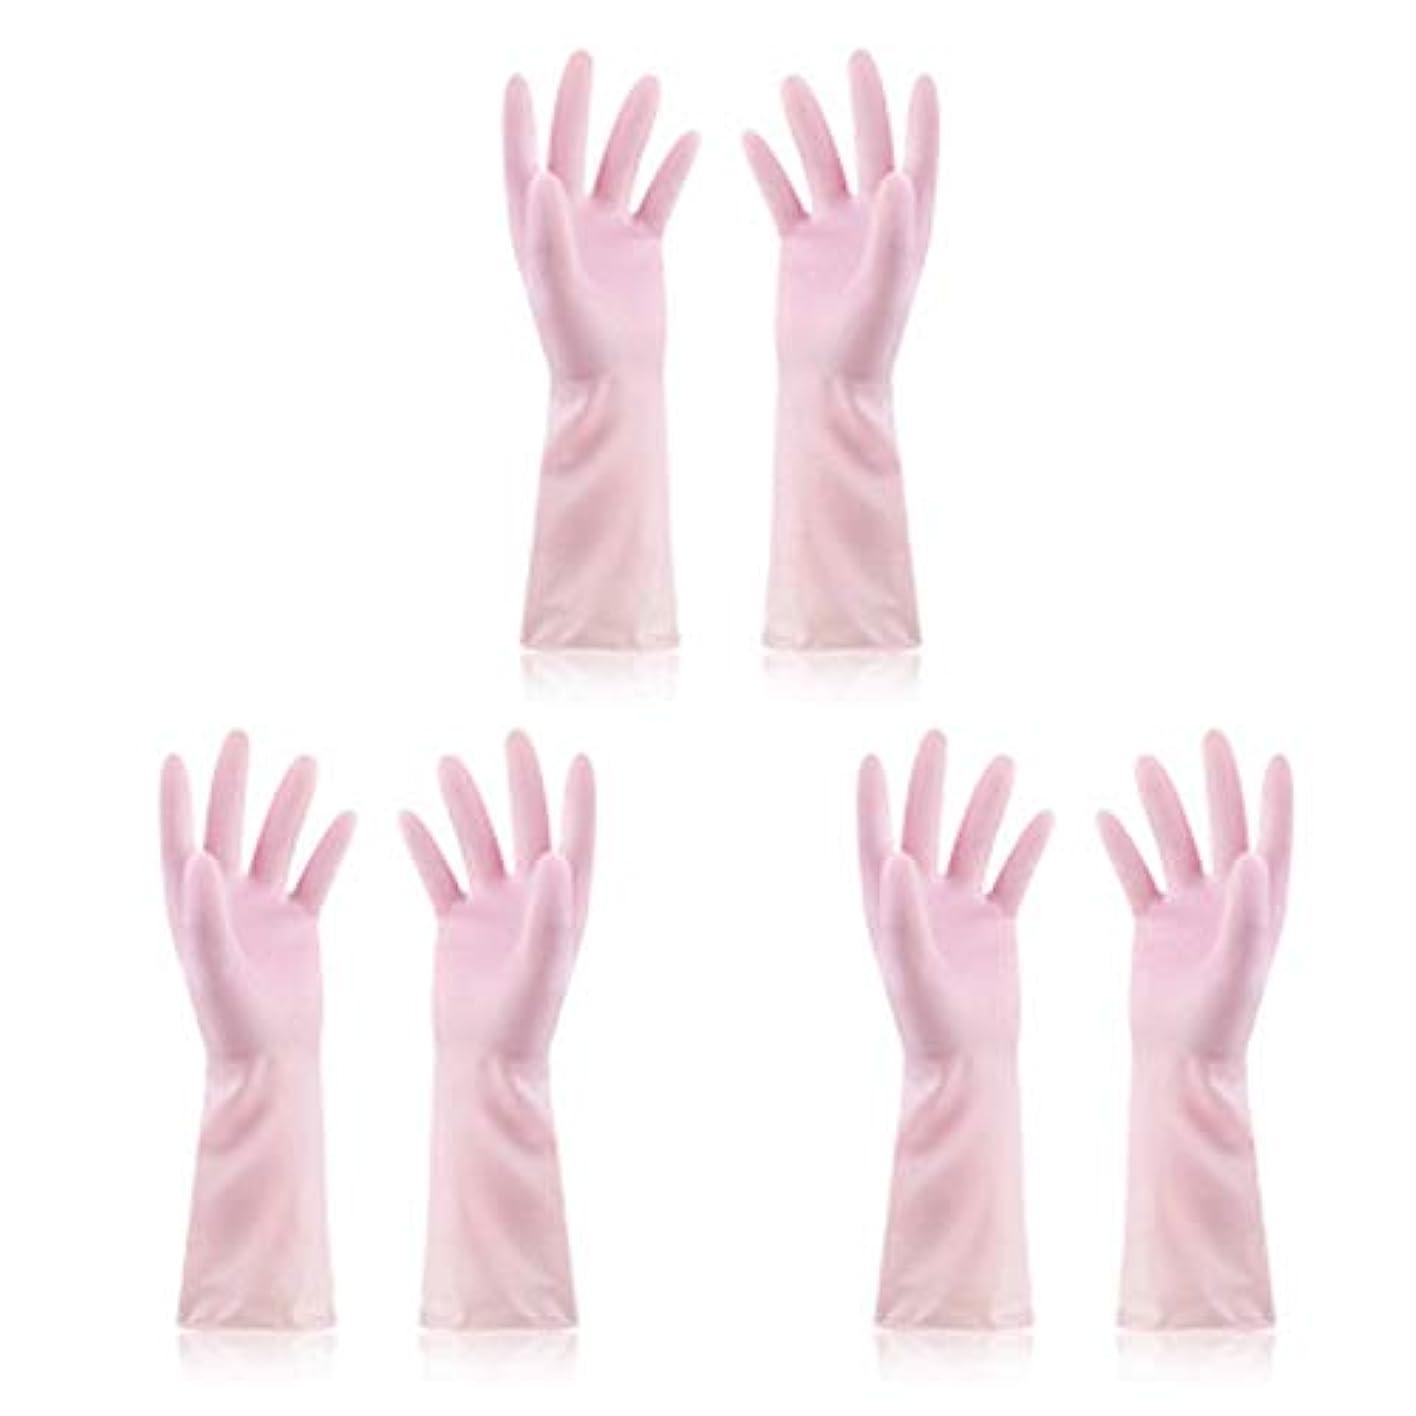 ベンチ棚怠けたニトリルゴム手袋 使い捨て手袋防水ラテックス焦げ付き防止ゴム製ゴム製台所手袋、3組 使い捨て手袋 (Color : Pink, Size : M)